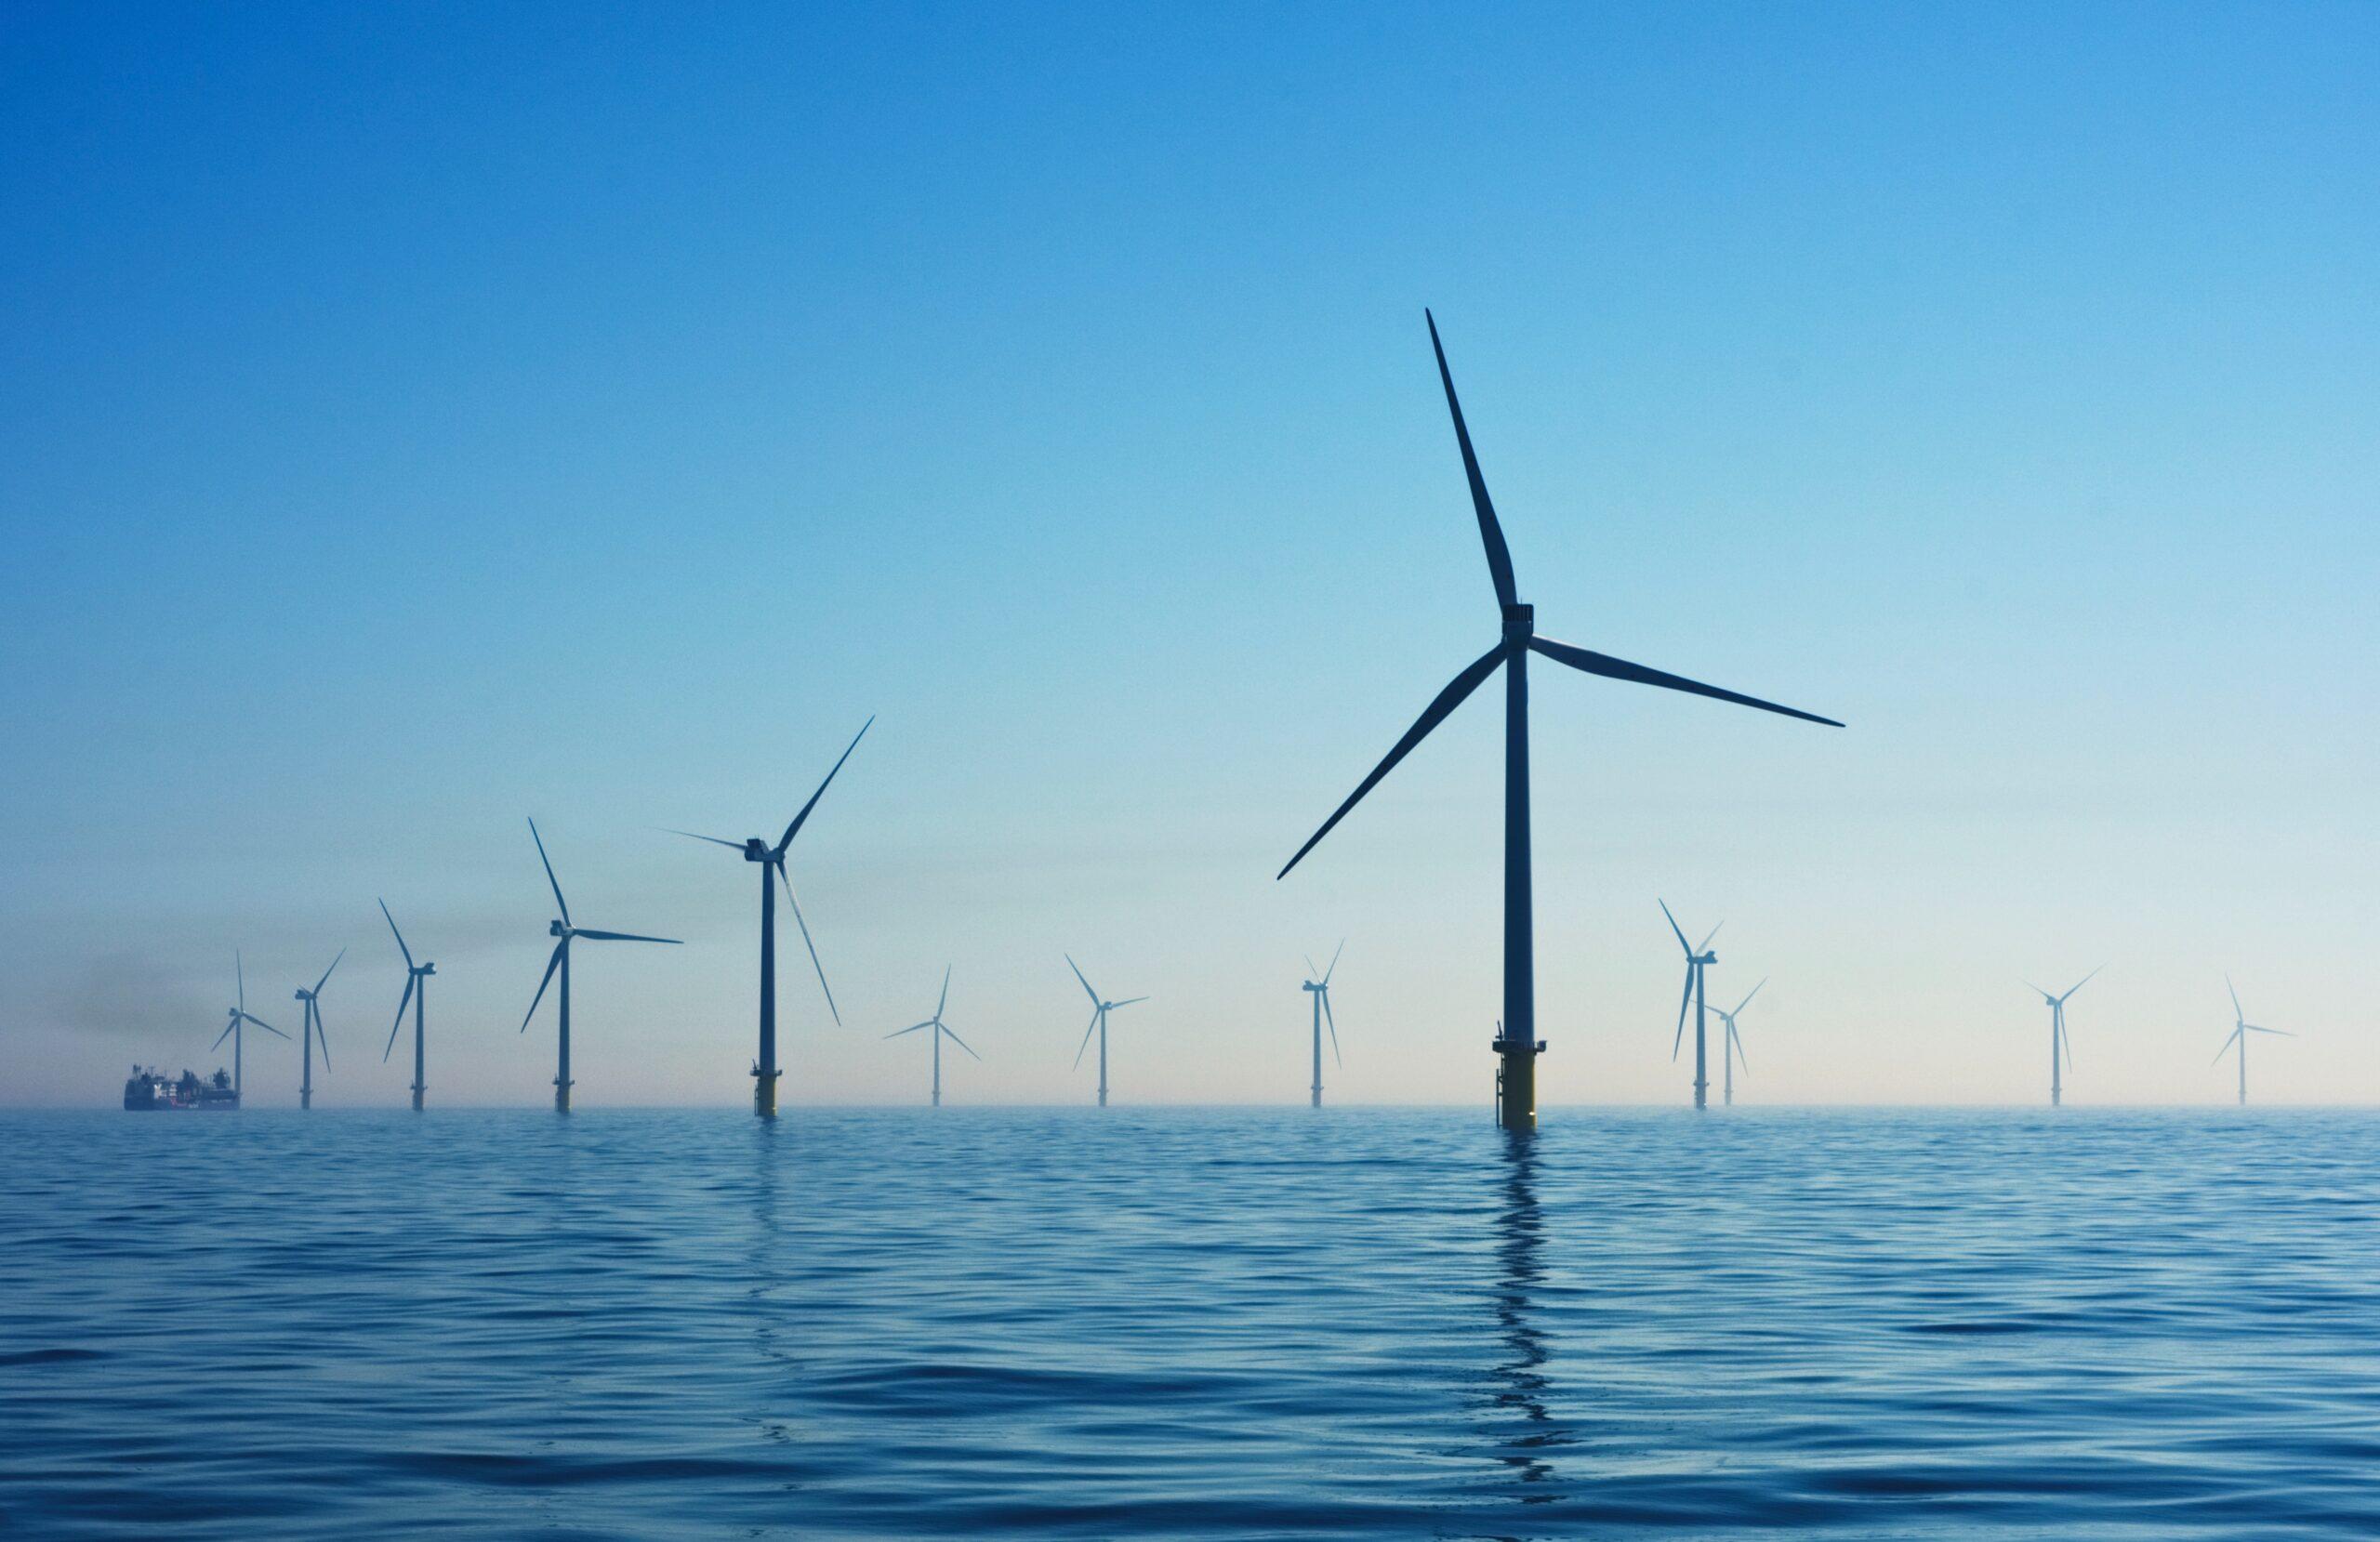 再生可能エネルギーの種類別 エネルギー化のしくみ